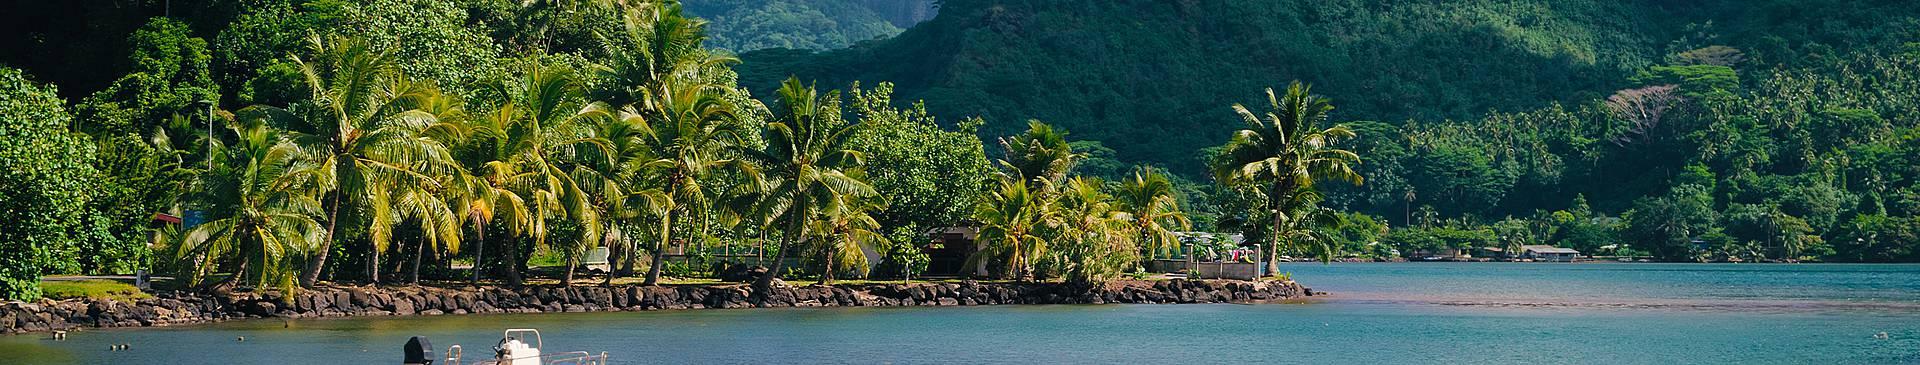 Voyage nature en Polynésie française